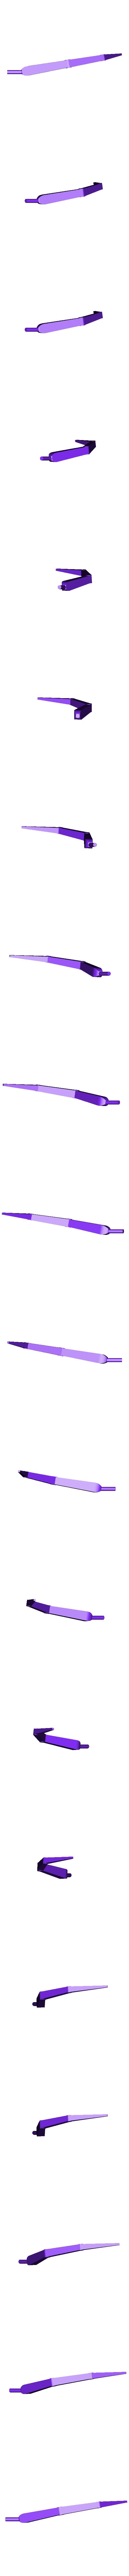 left_midle_aft_leg.stl Download free STL file 8 legged spider robot • 3D print design, brianbrocken